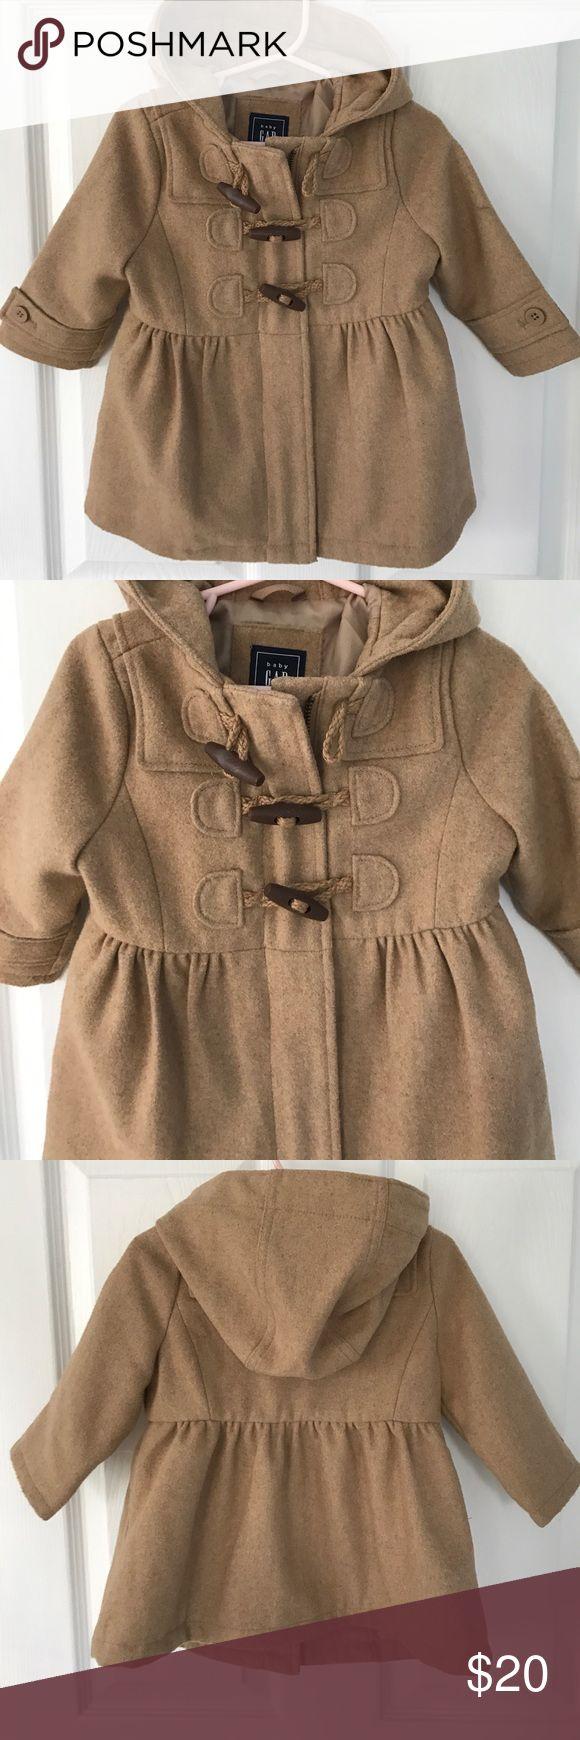 Baby girl peacoat Light brown peacoat from babygap GAP Jackets & Coats Pea Coats